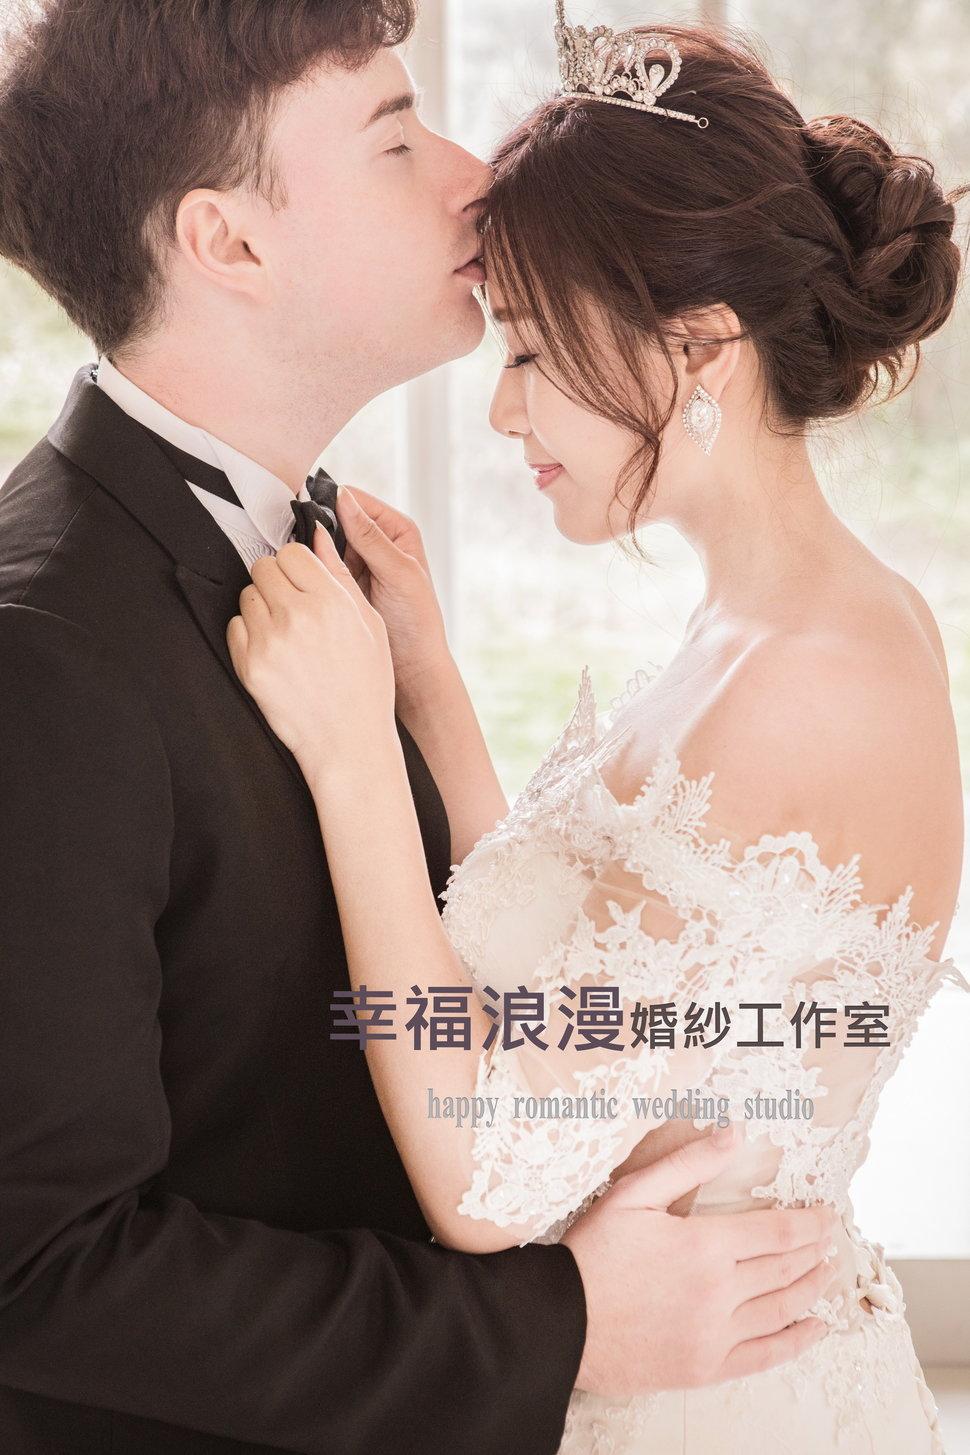 5G3A6972-1_調整大小 - 幸福浪漫婚紗工作室 韓式婚紗攝影《結婚吧》